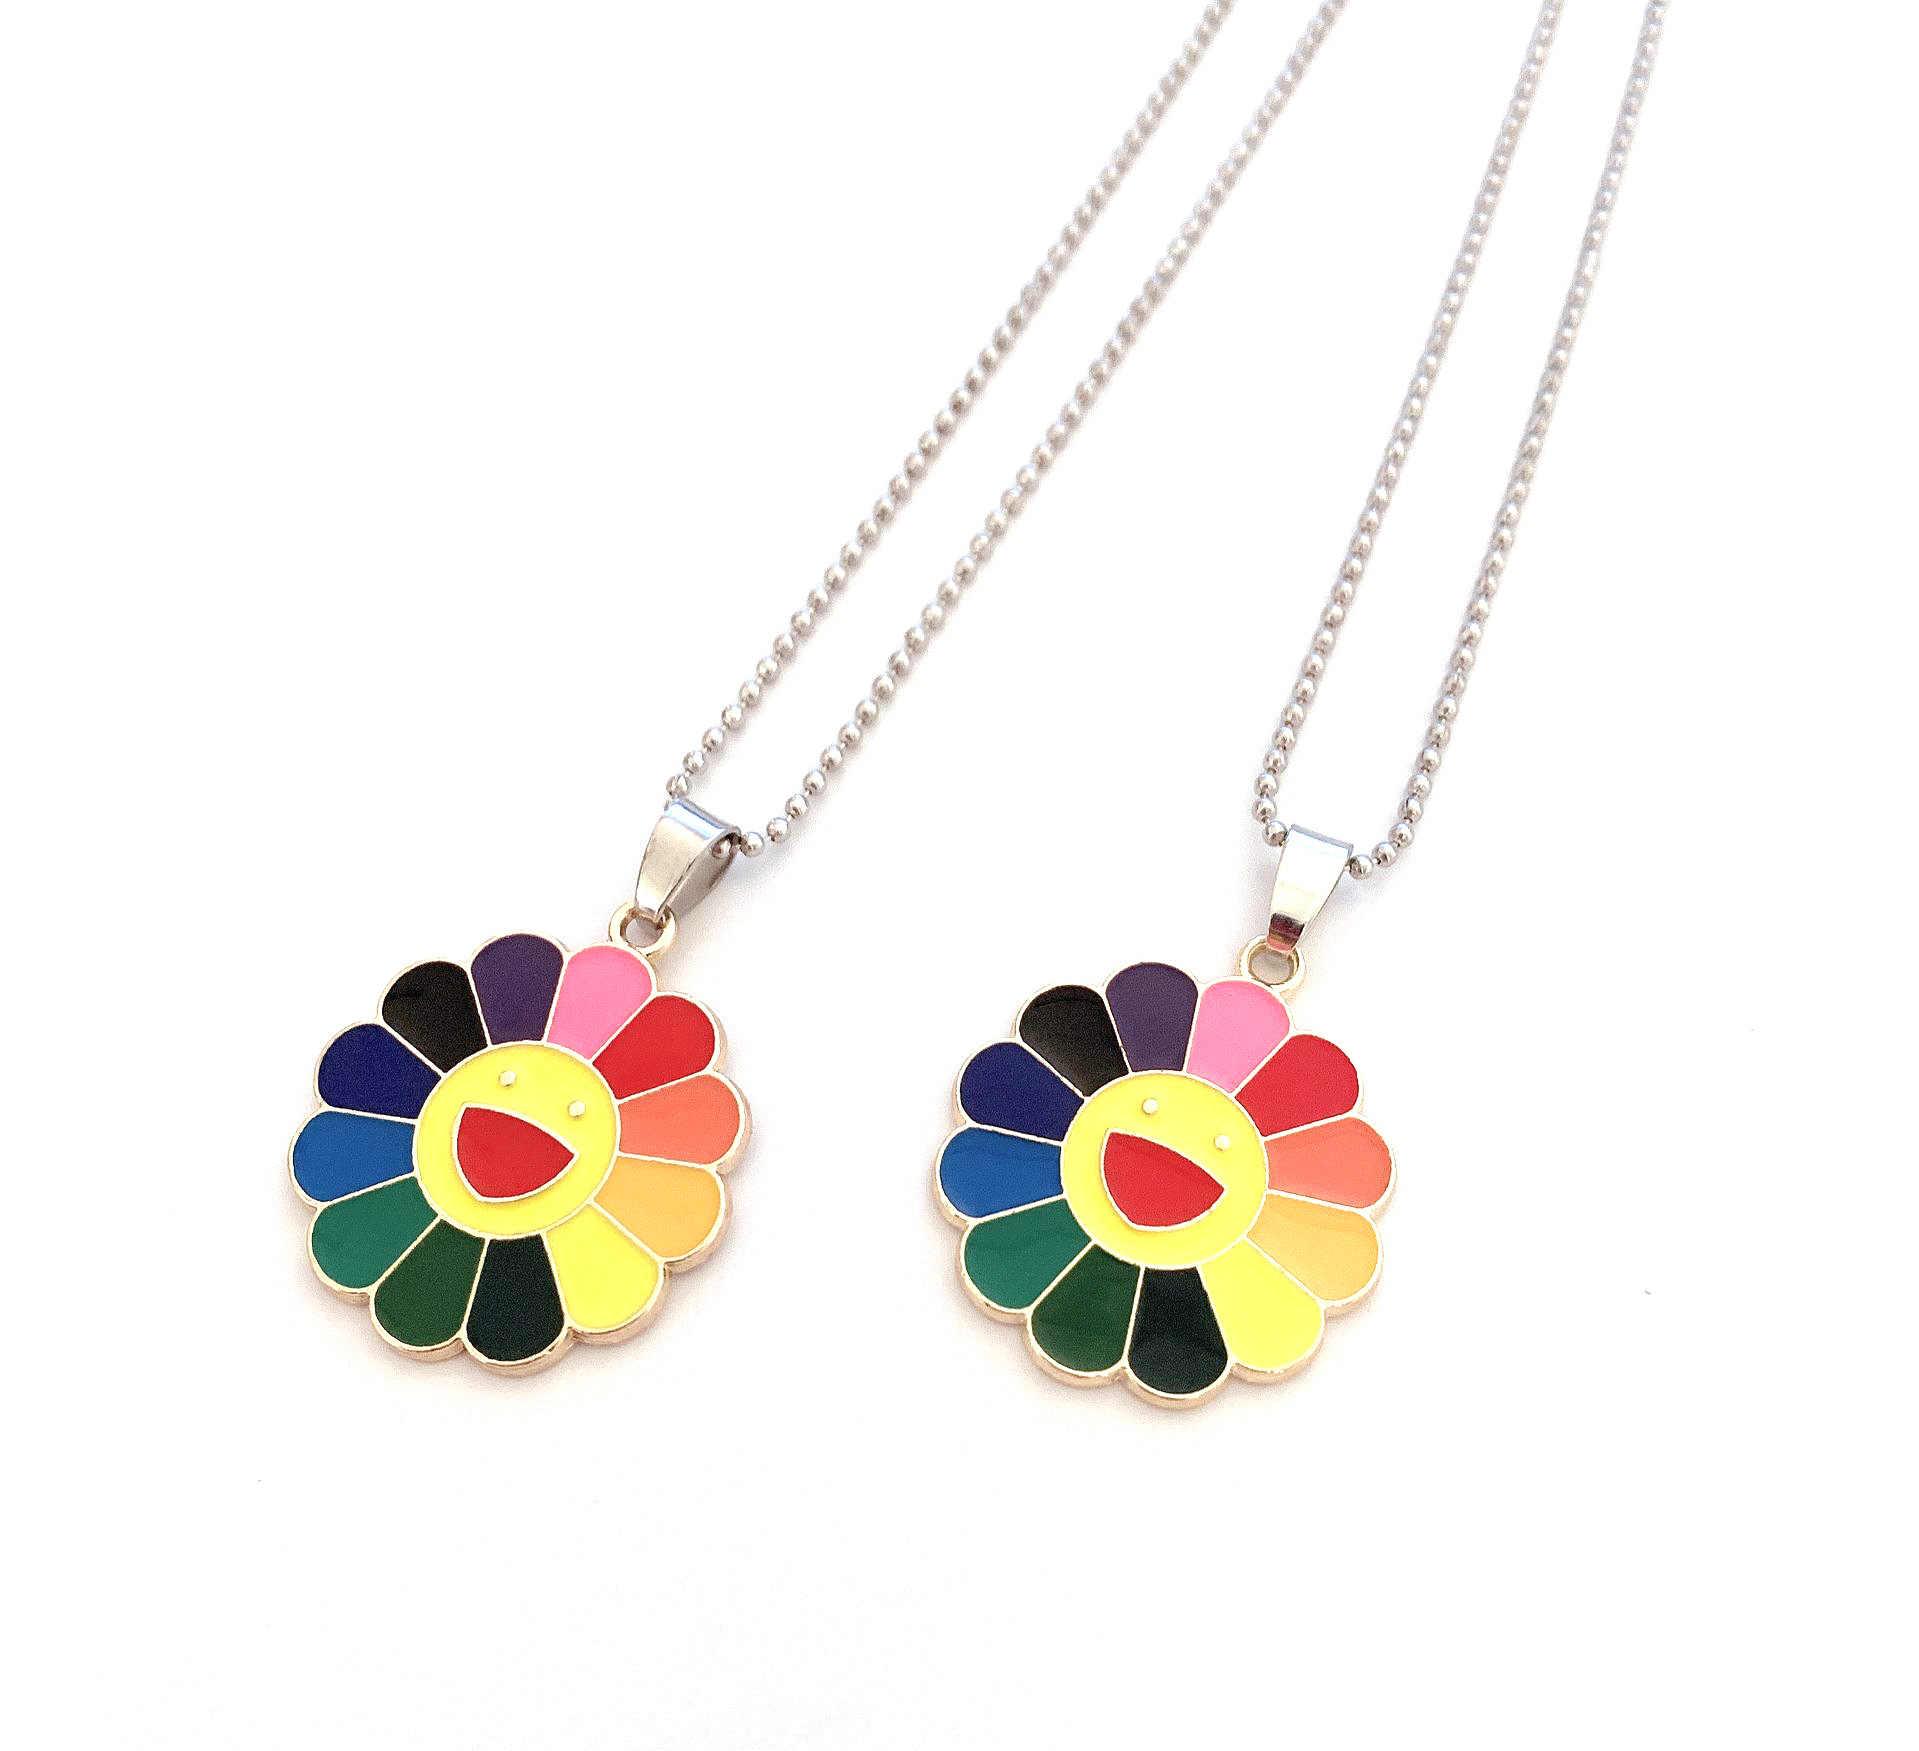 1 個ファッション合金古典的なペンダントネックレス村上太陽の花ひまわりカラフルな花びらスマイリー回転することができドロップシッピング